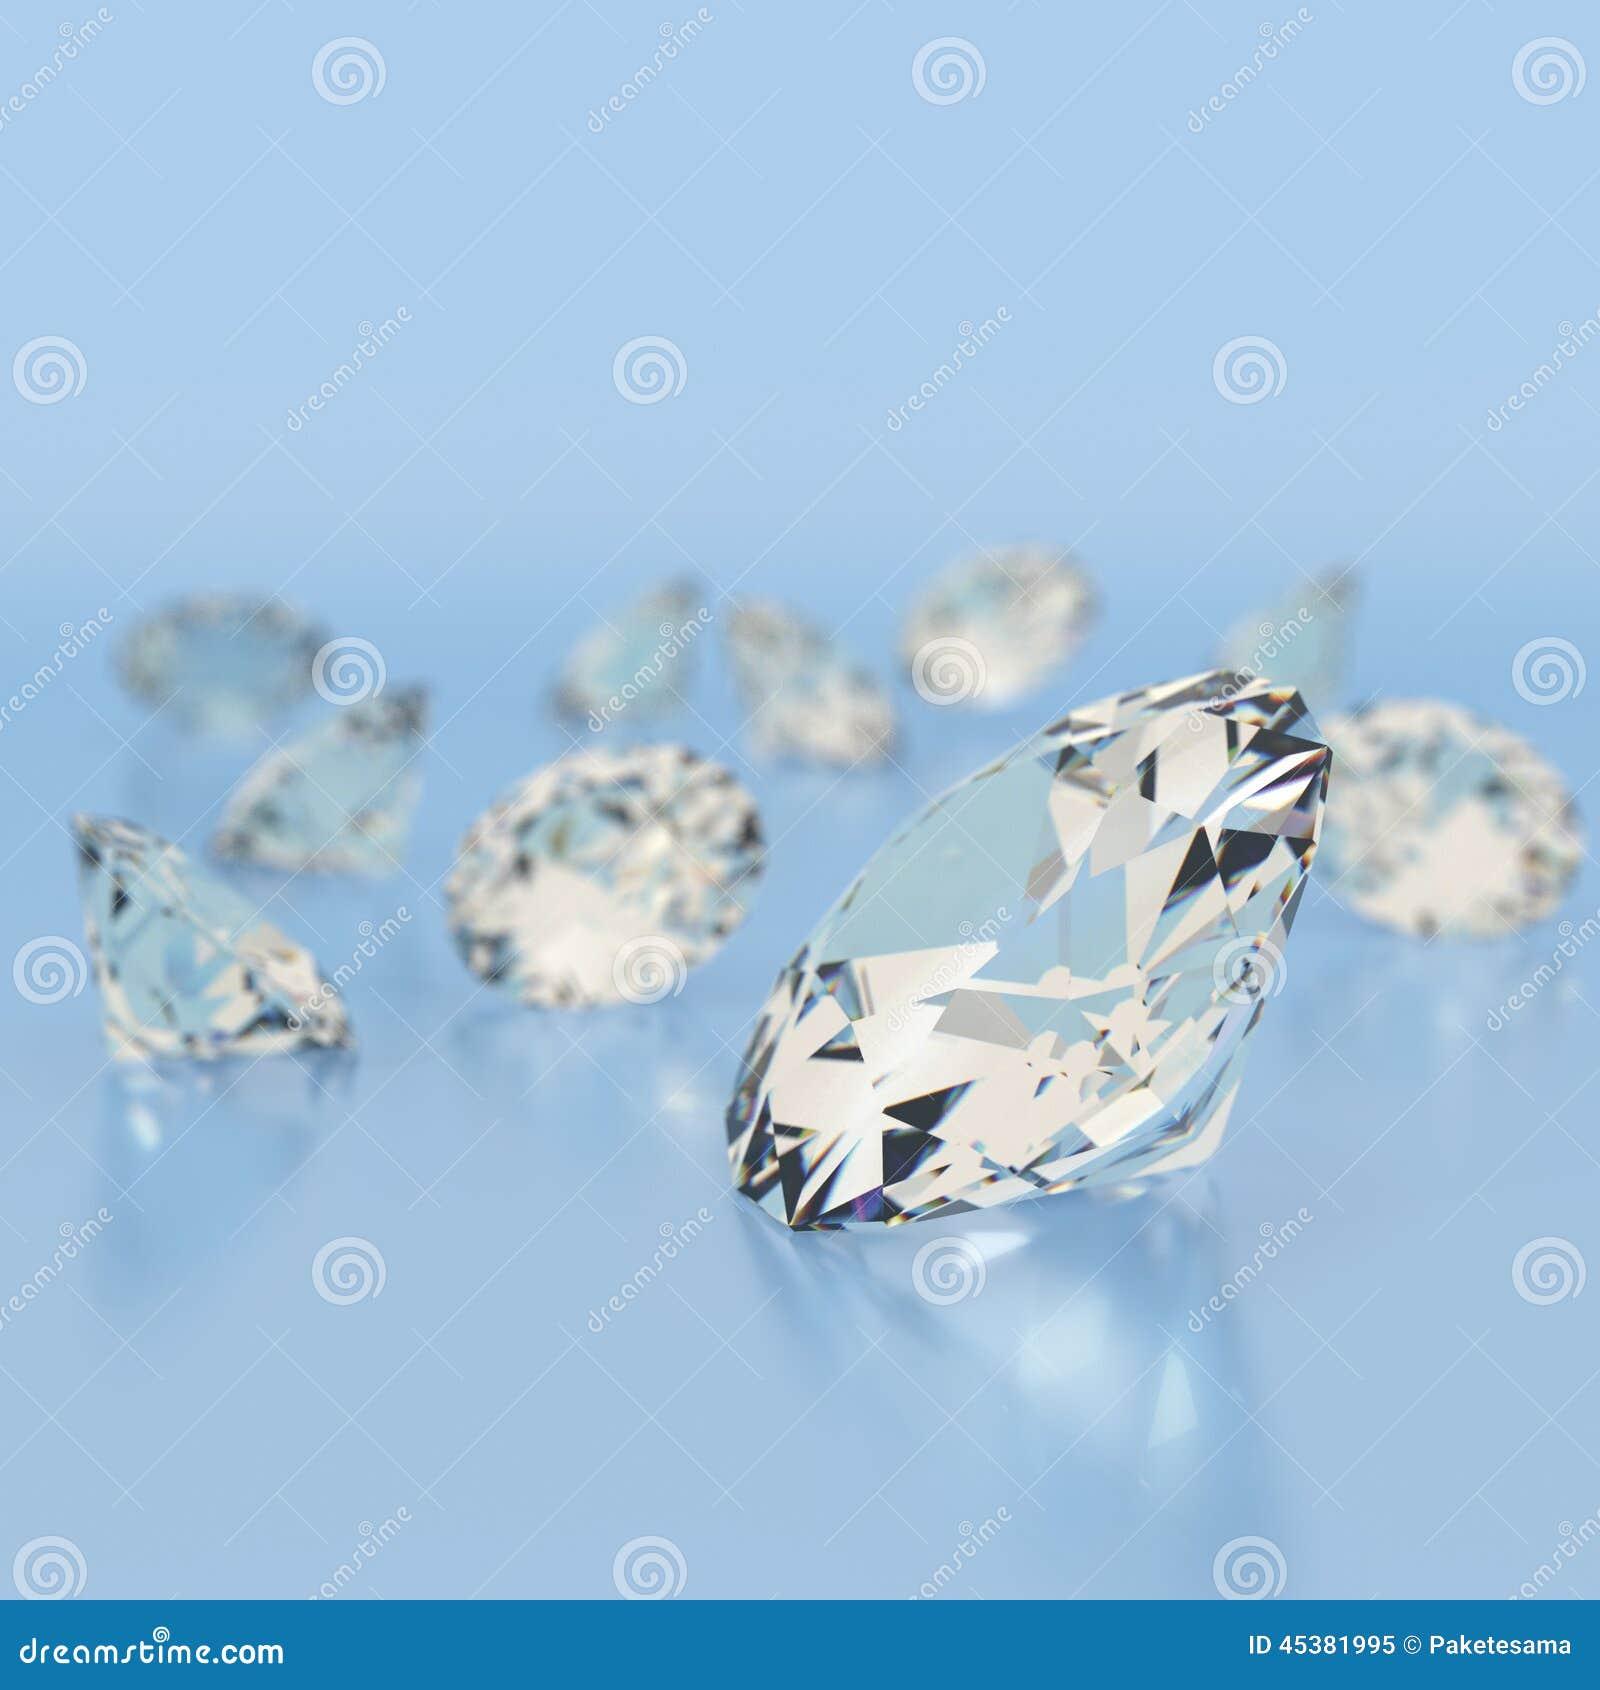 white diamond background - photo #46